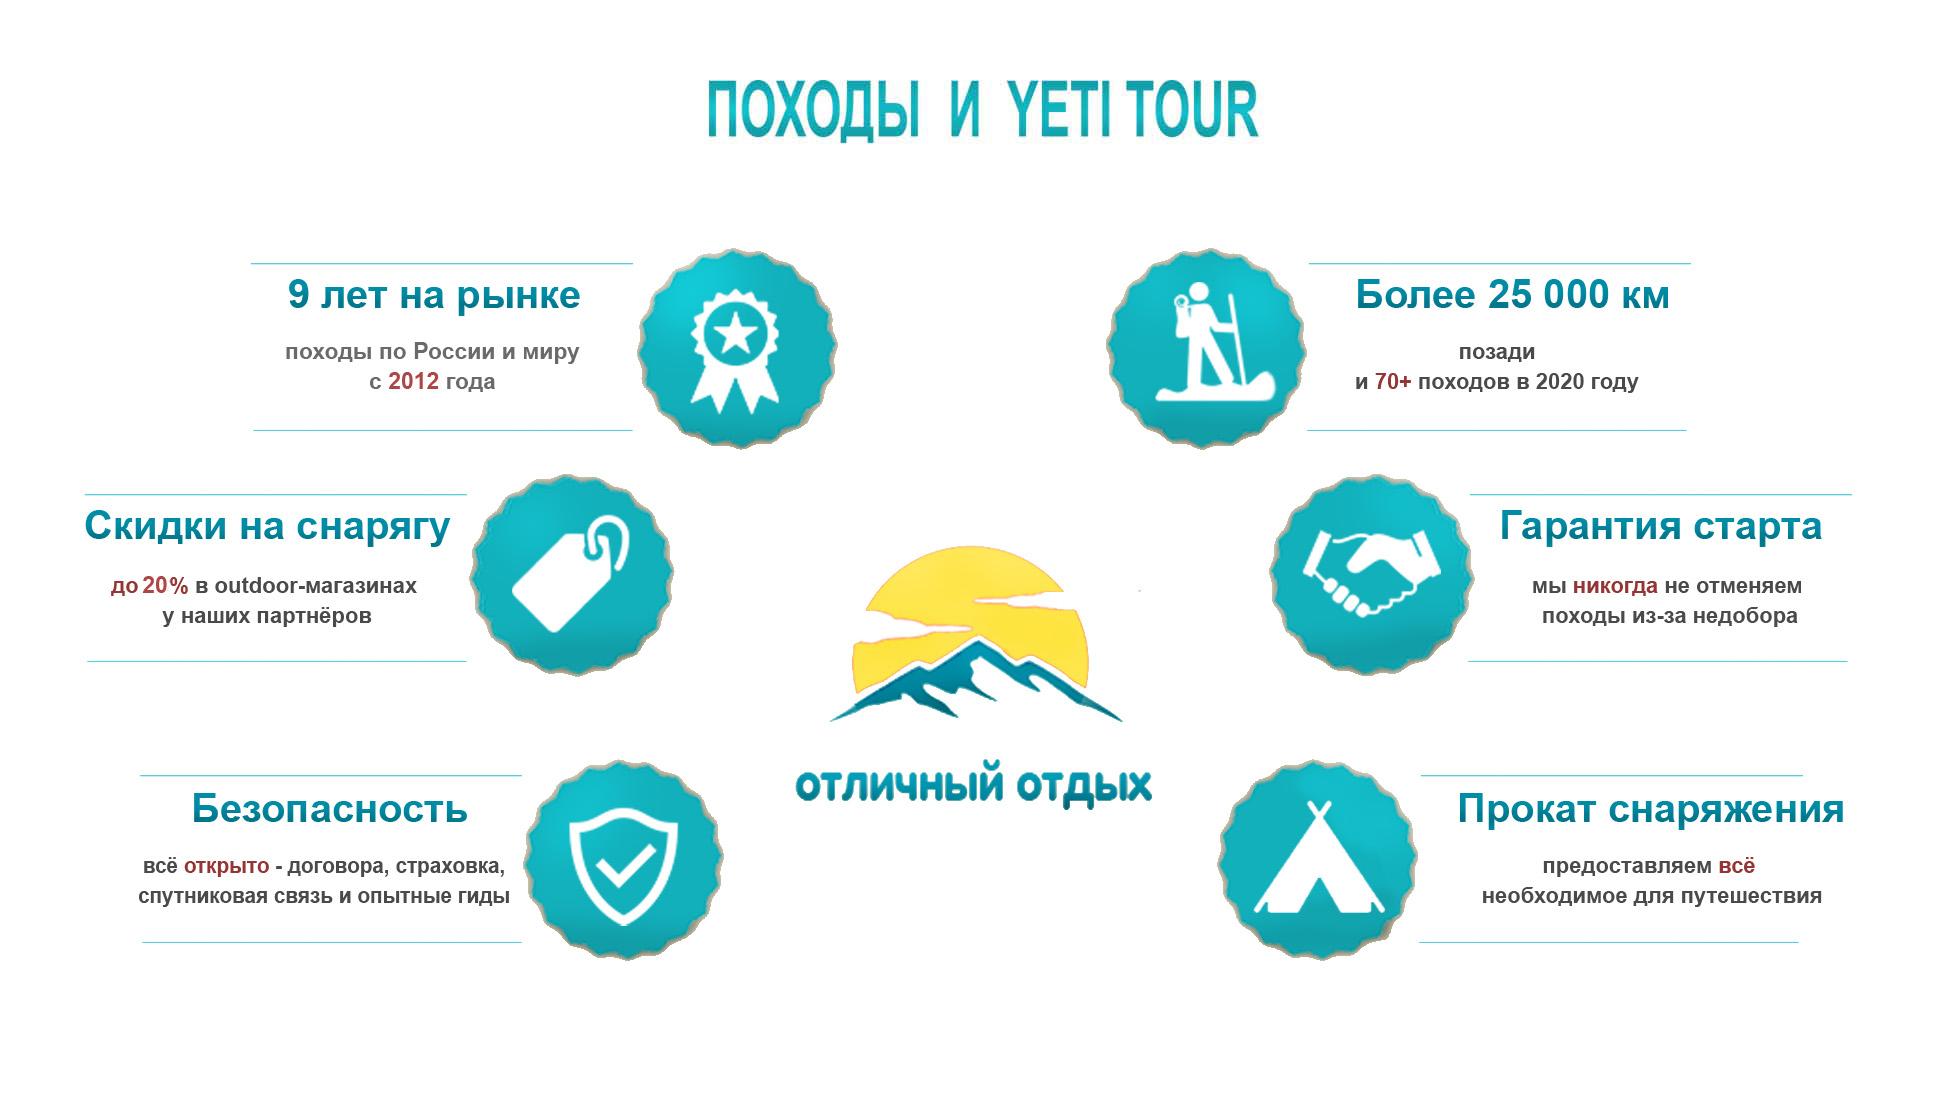 Инфографик по походам по России